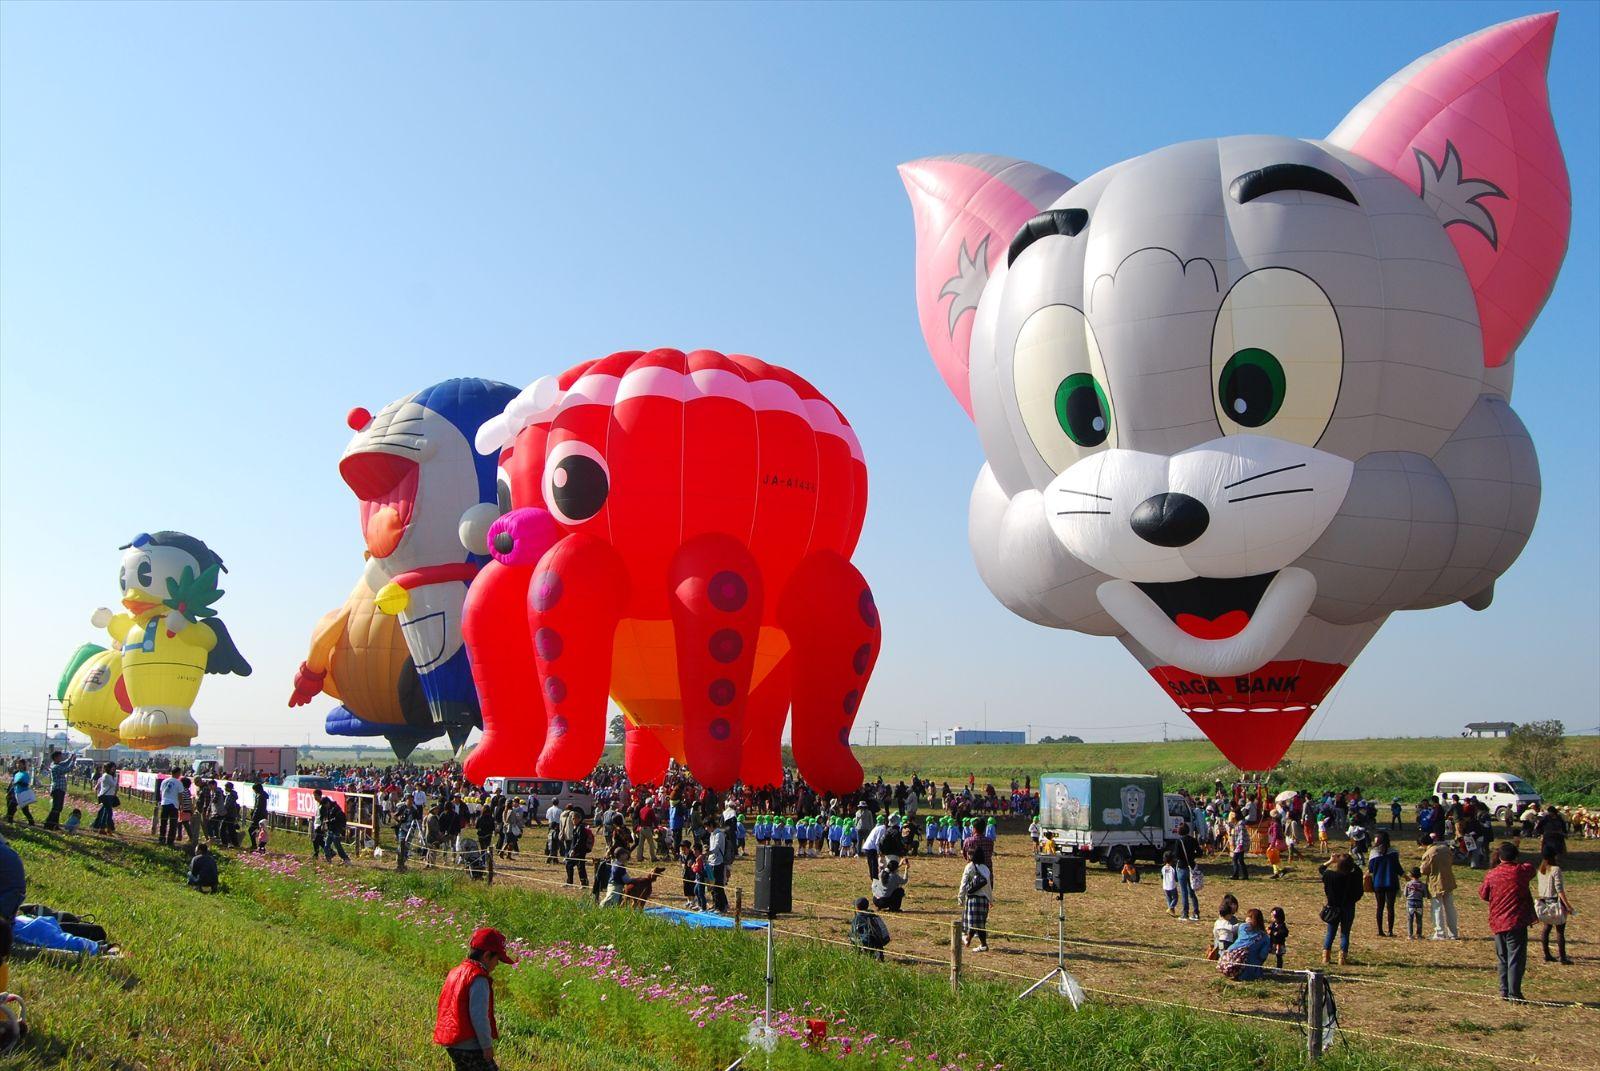 各种可爱动物,卡通造型的热气球在河岸旁一字排开,远看俏皮无比,但近